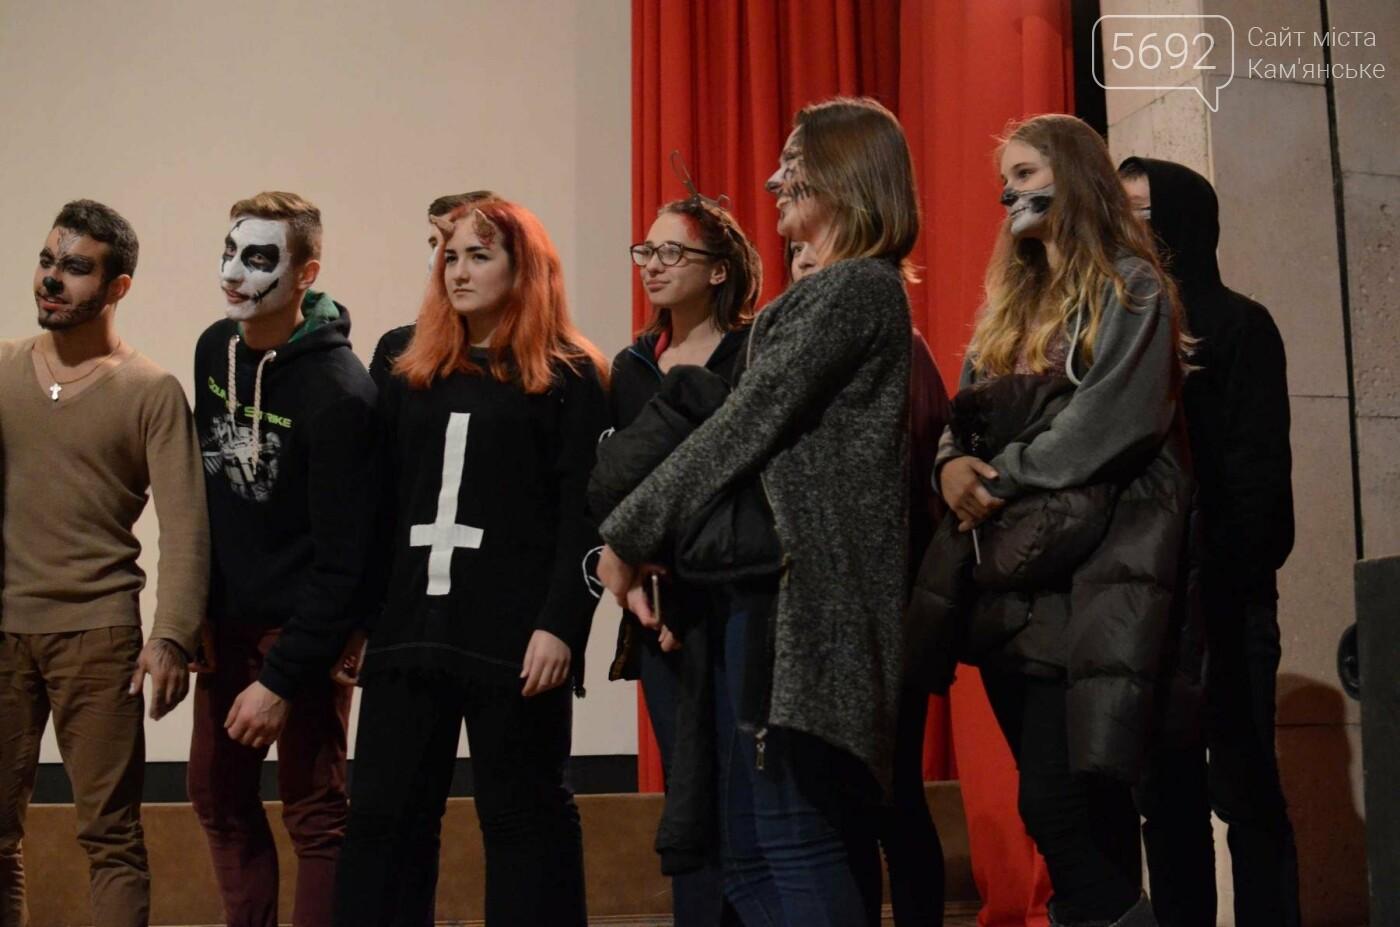 Ночь кино в Каменском посвятили Хэллоуину, фото-21